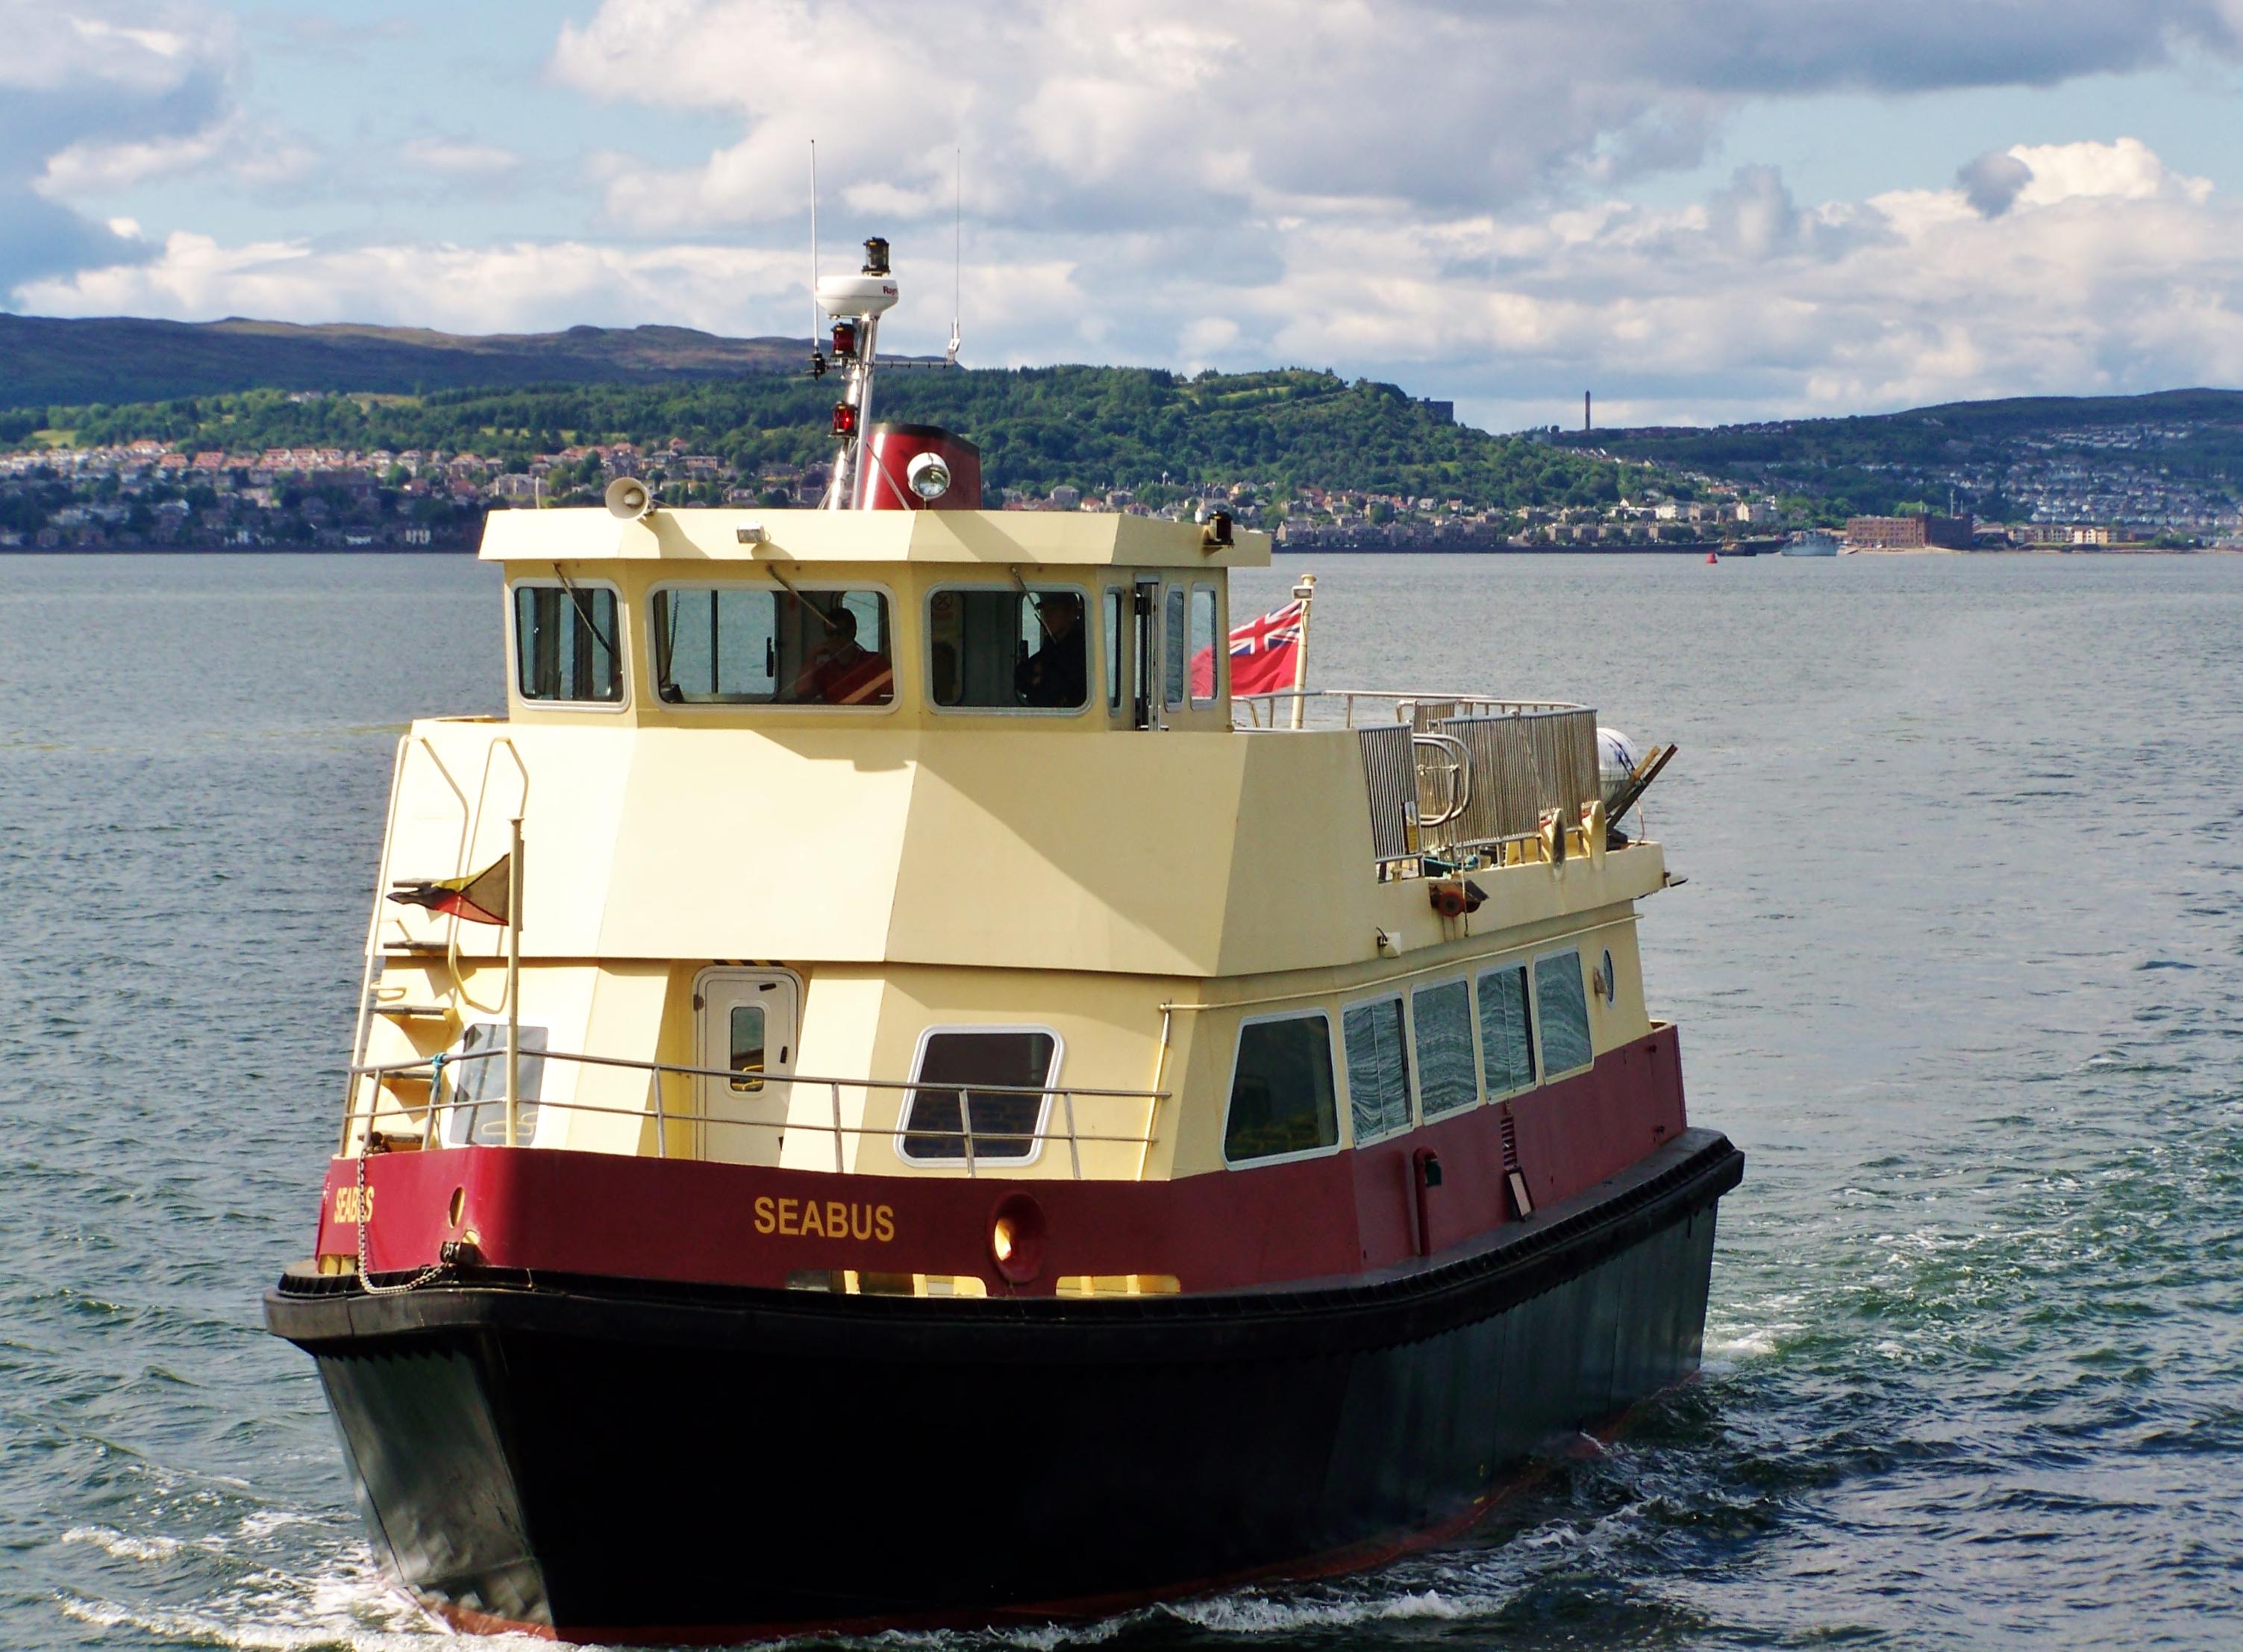 Seabus approaching Helensburgh (Ships of CalMac)